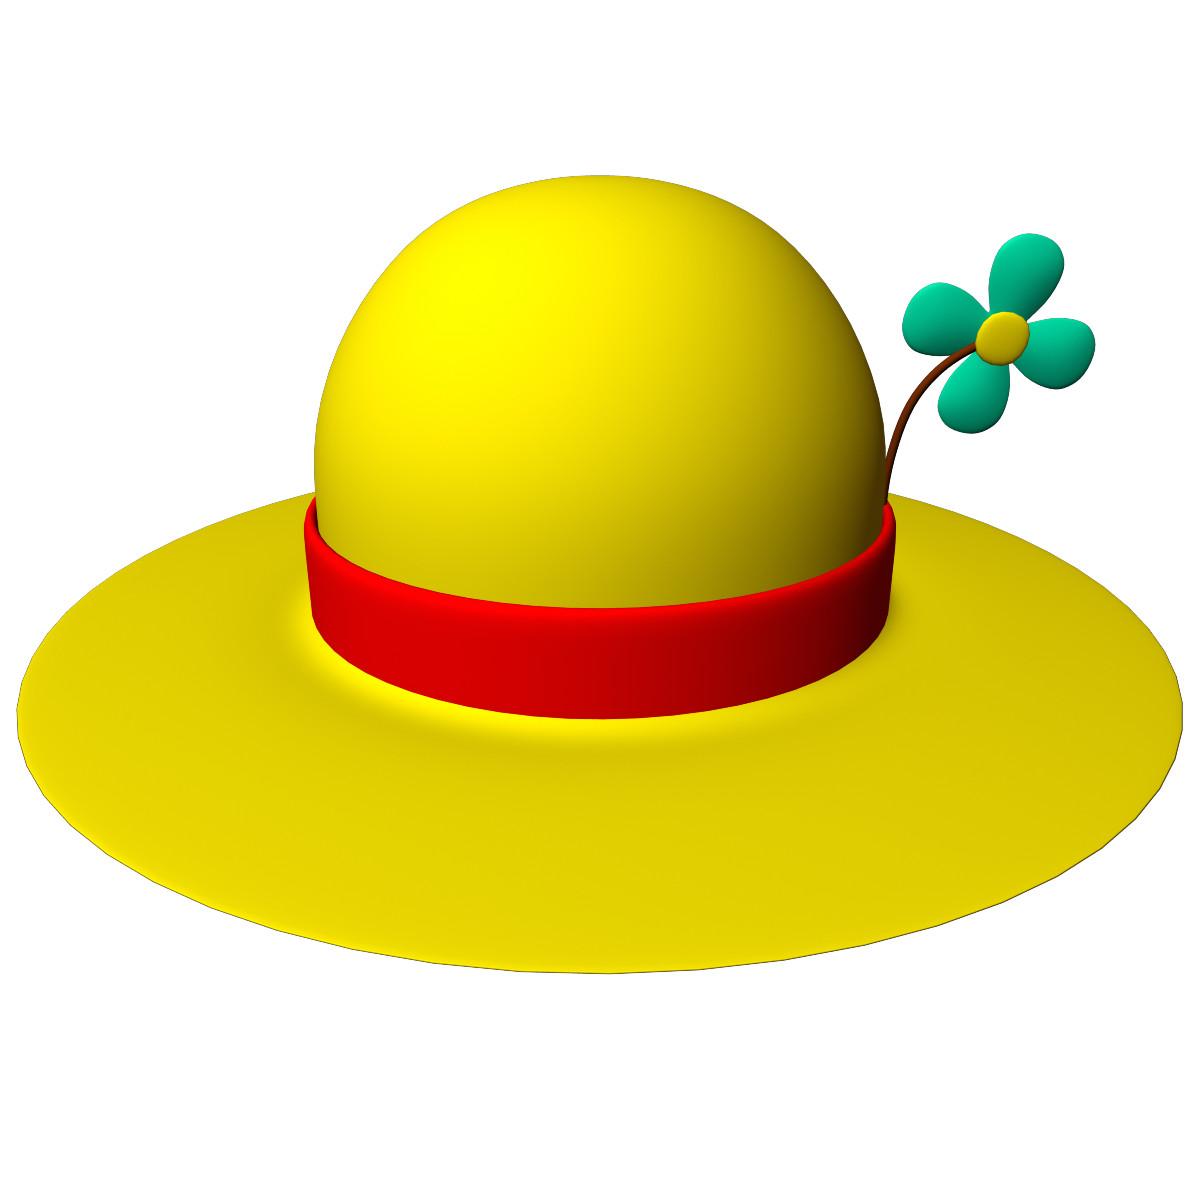 чтоб картинки с изображением шляпы смотря что имеете